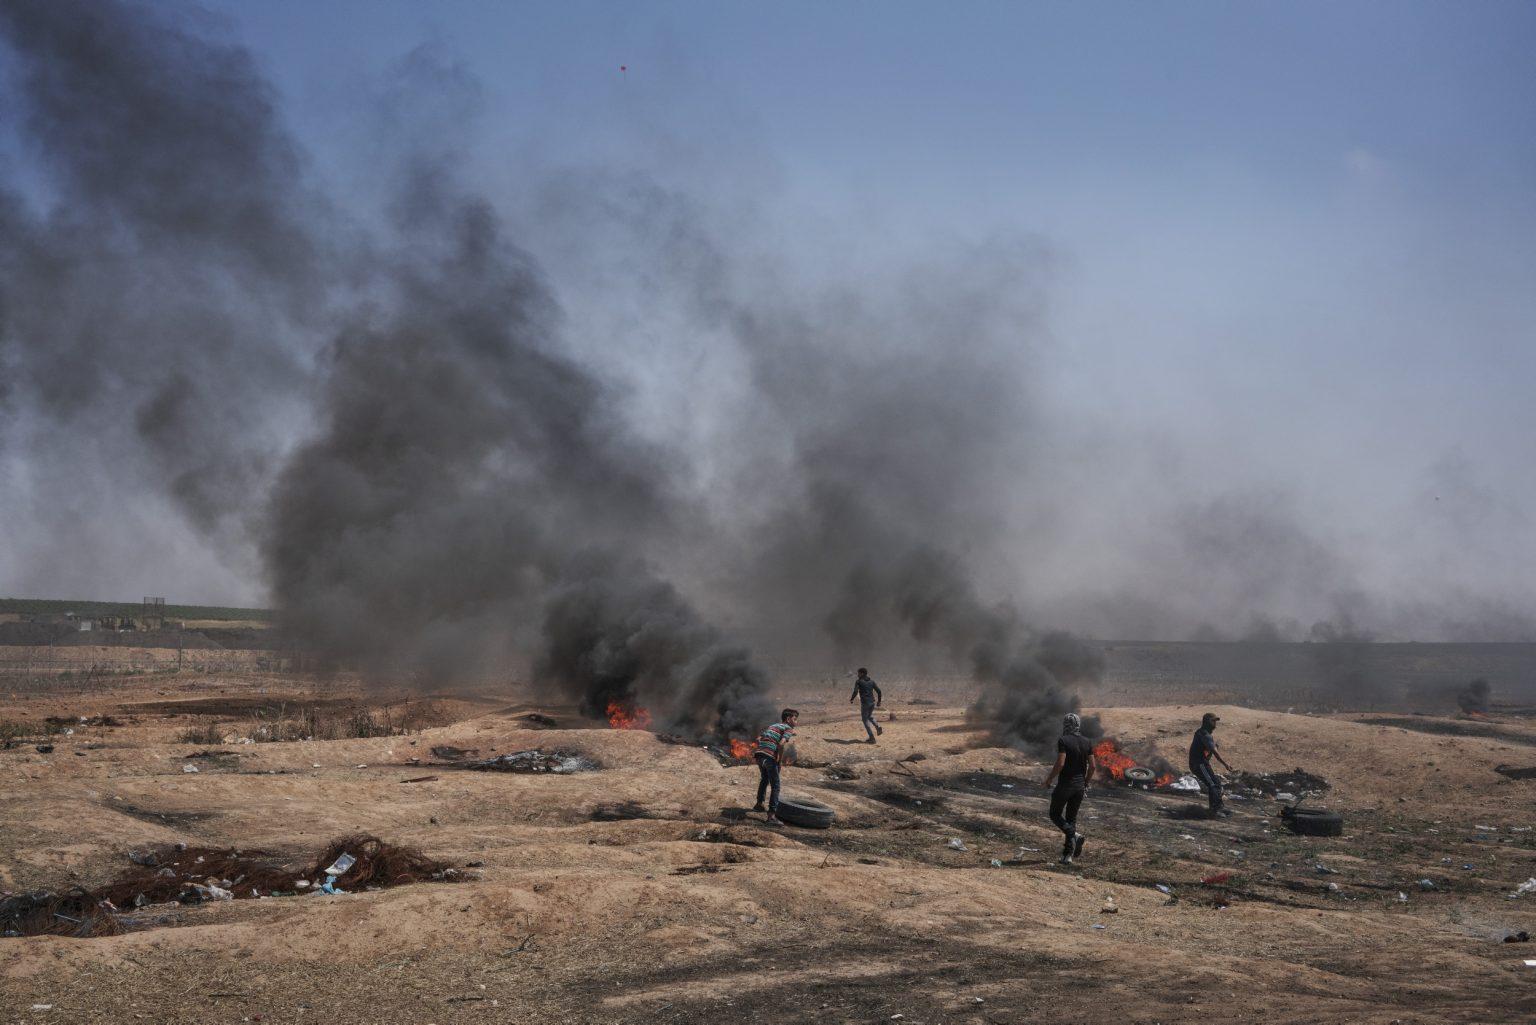 Gaza Strip, May 2018 - Palestinian demonstrators during the protest along the Gaza-Israel border. >< Striscia di Gaza, maggio 2018 - Manifestanti palestinesi druante le proteste lungo il confine tra Gaza e Israele.